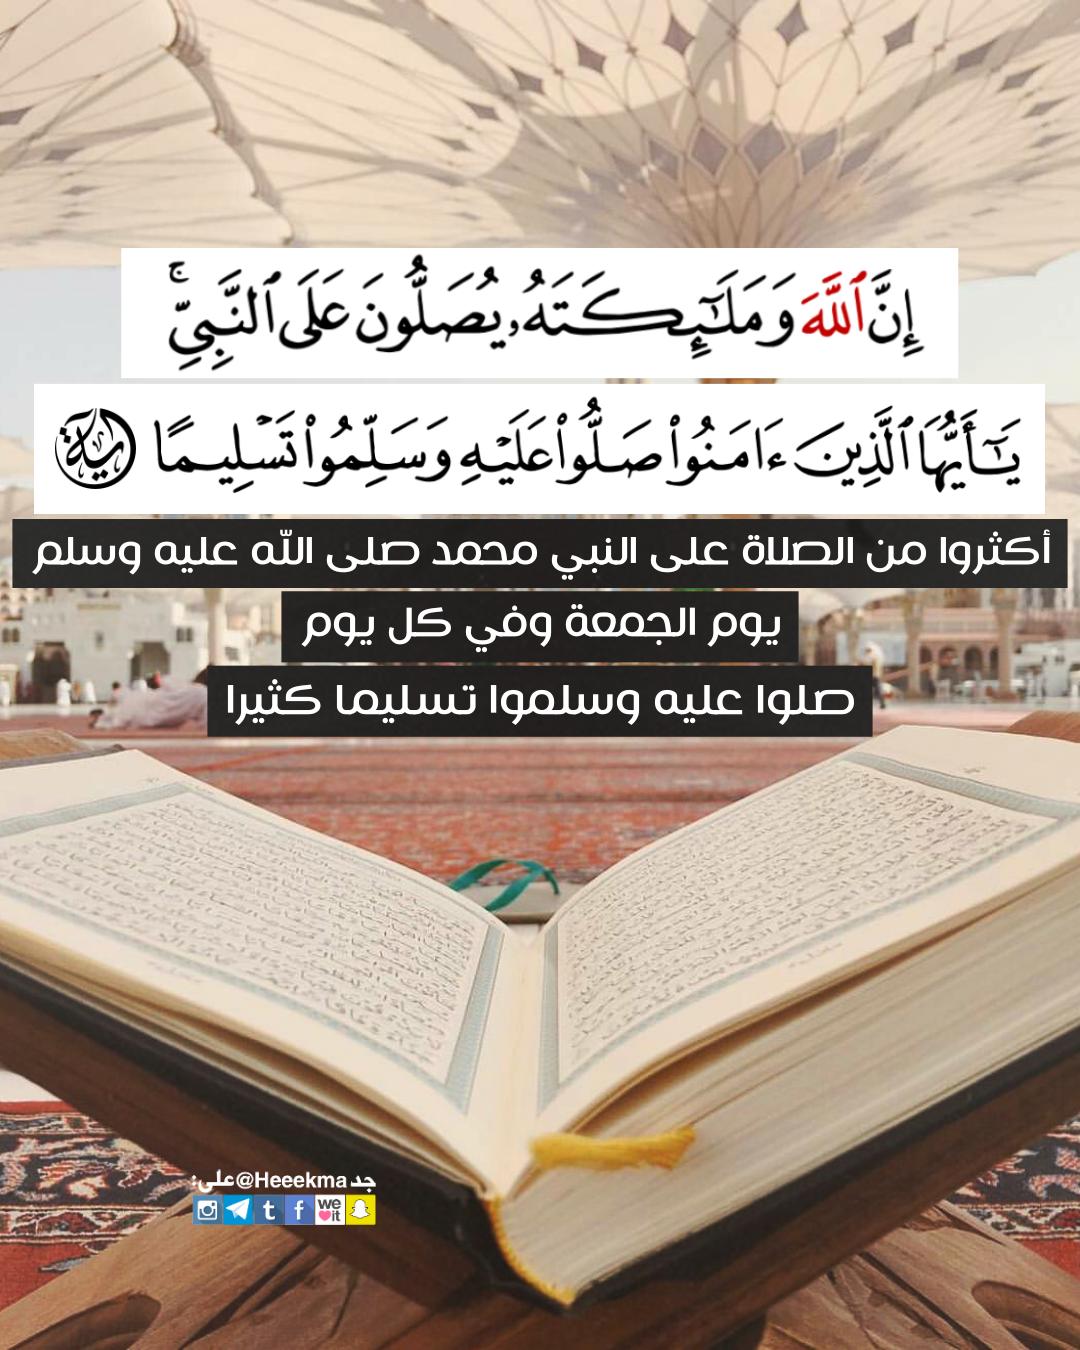 أكثروا من الصﻻة على النبي محمد صلى الله عليه وسلم يوم الجمعة وفي كل يوم صلوا عليه وسلموا تسليما كثيرا Www In Hadith Quotes Quran Verses Cover Photo Quotes